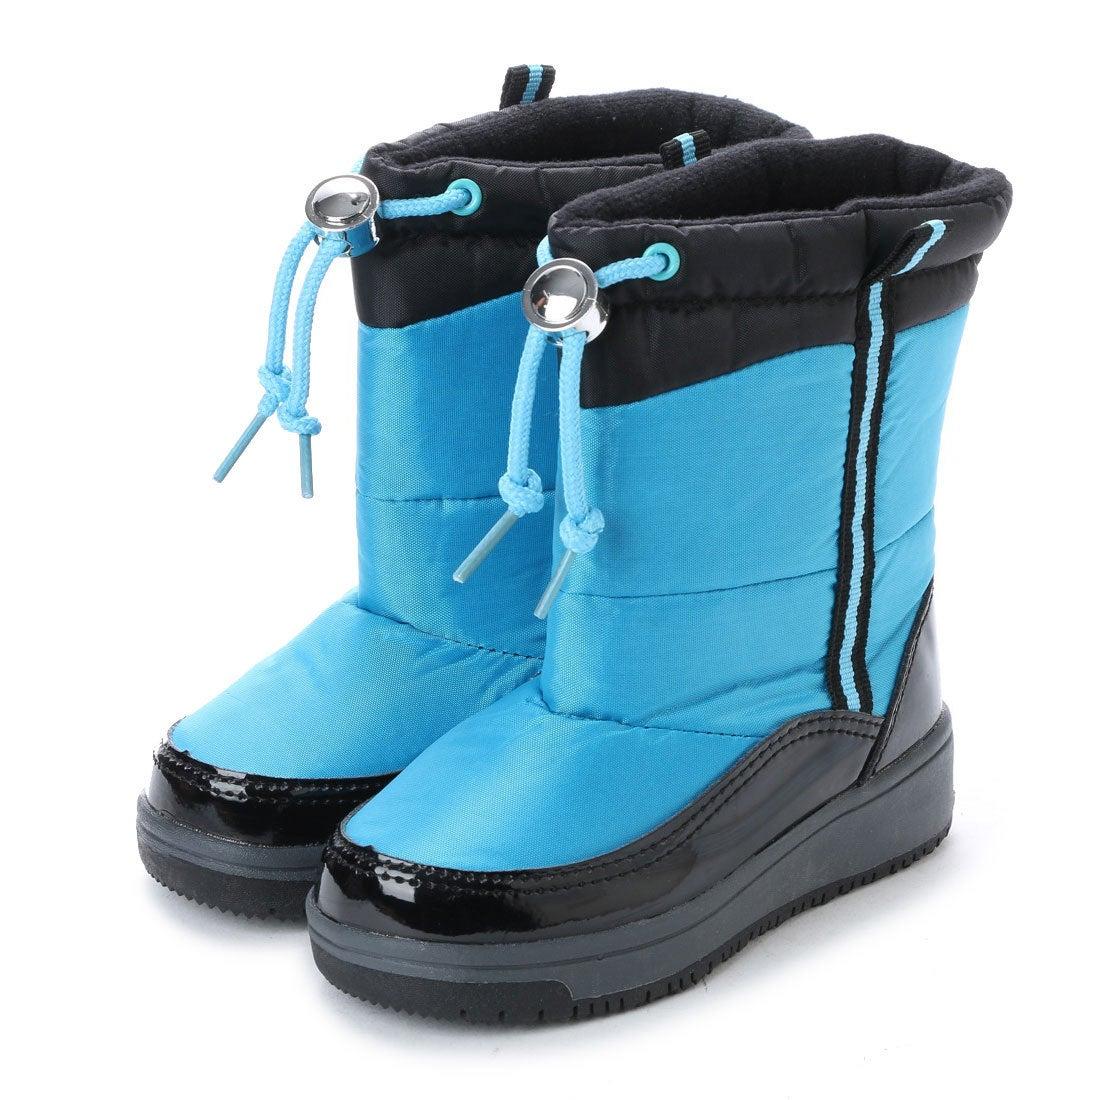 エニーウォーク Anywalk ドローコード付き子供用 防寒ブーツ・aw_17990(BLUE)